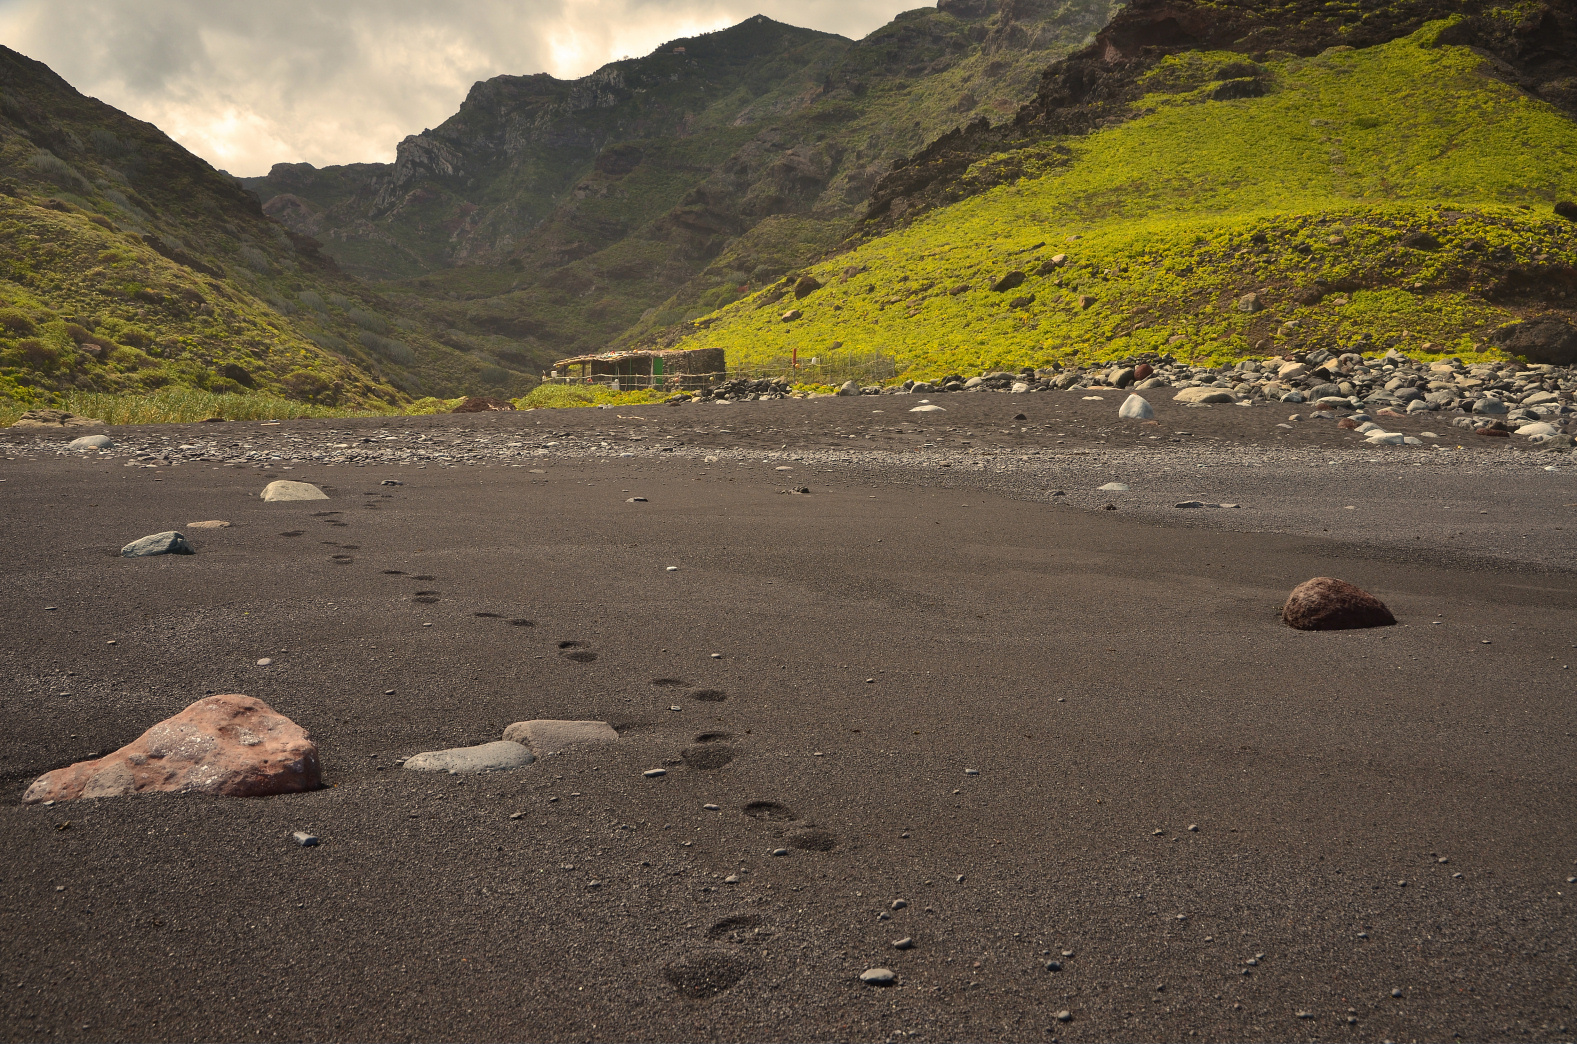 Am Strand unterhalb von Afur (Anaga-Gebirge)